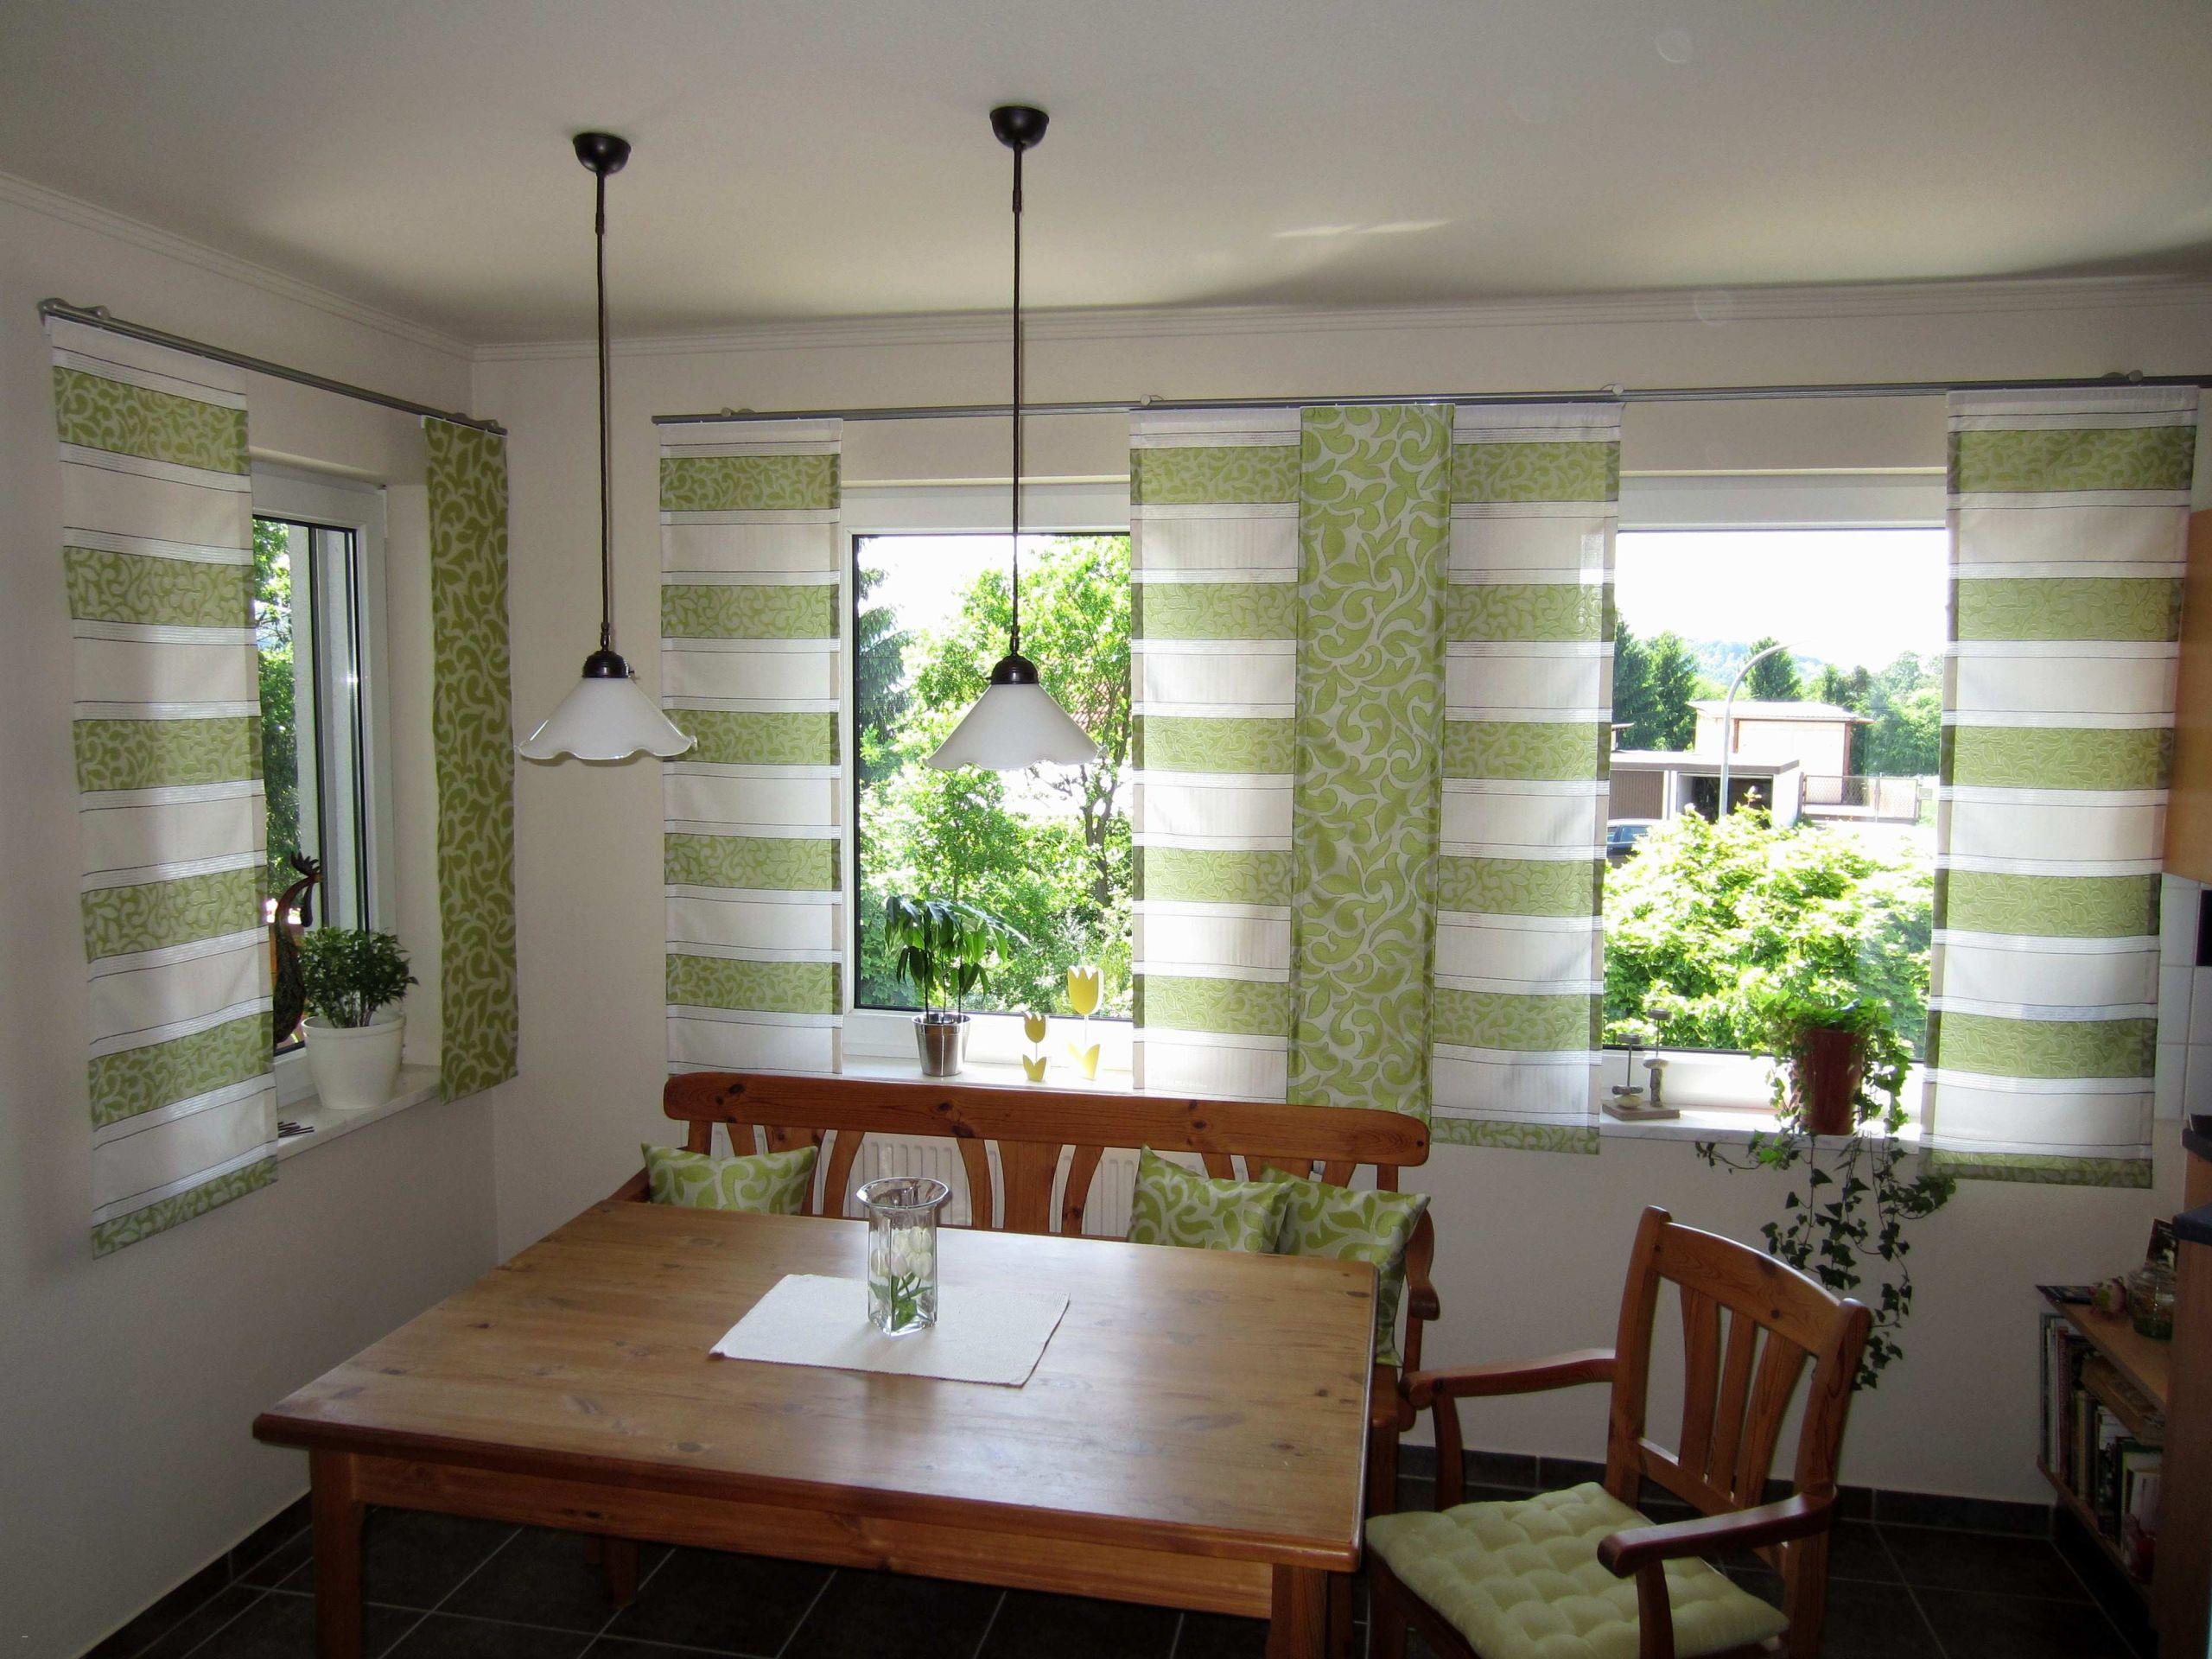 Balkon Wanddeko Genial 50 Luxus Von Wanddekoration Selber Machen Design